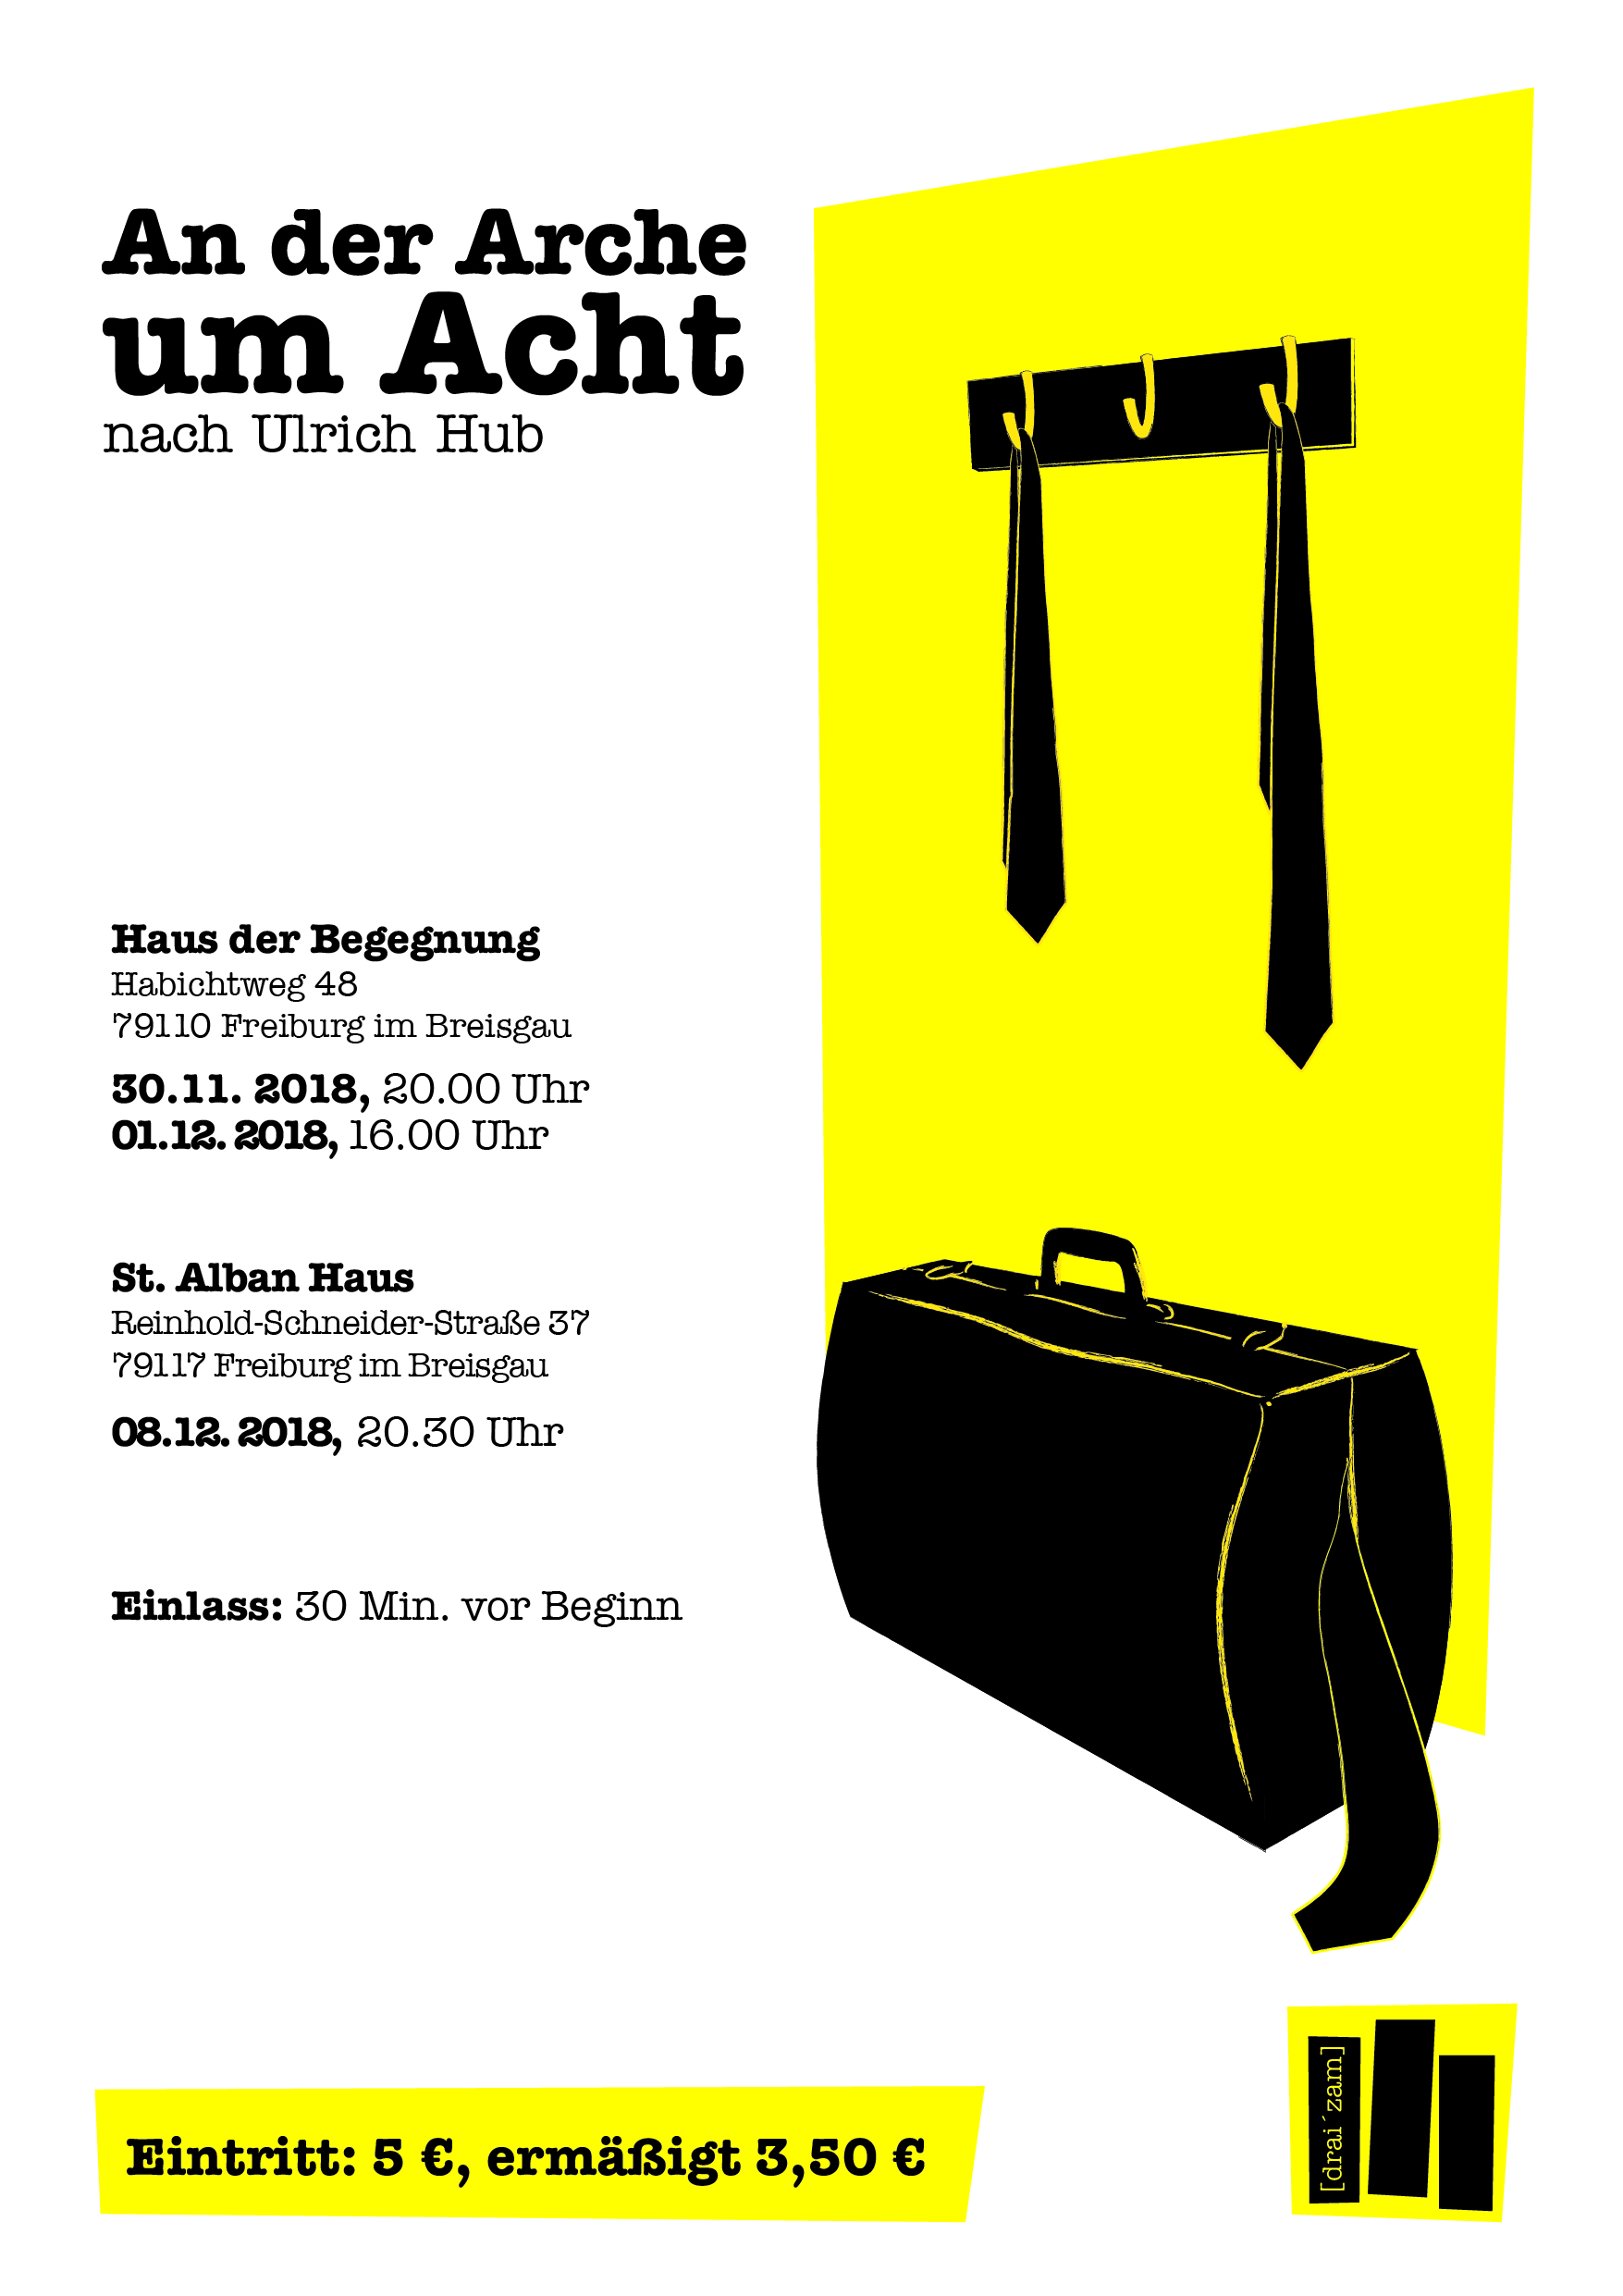 https://hdb-freiburg.de/wp-content/uploads/2018/11/3Zam_UmAcht_181107-01.jpg